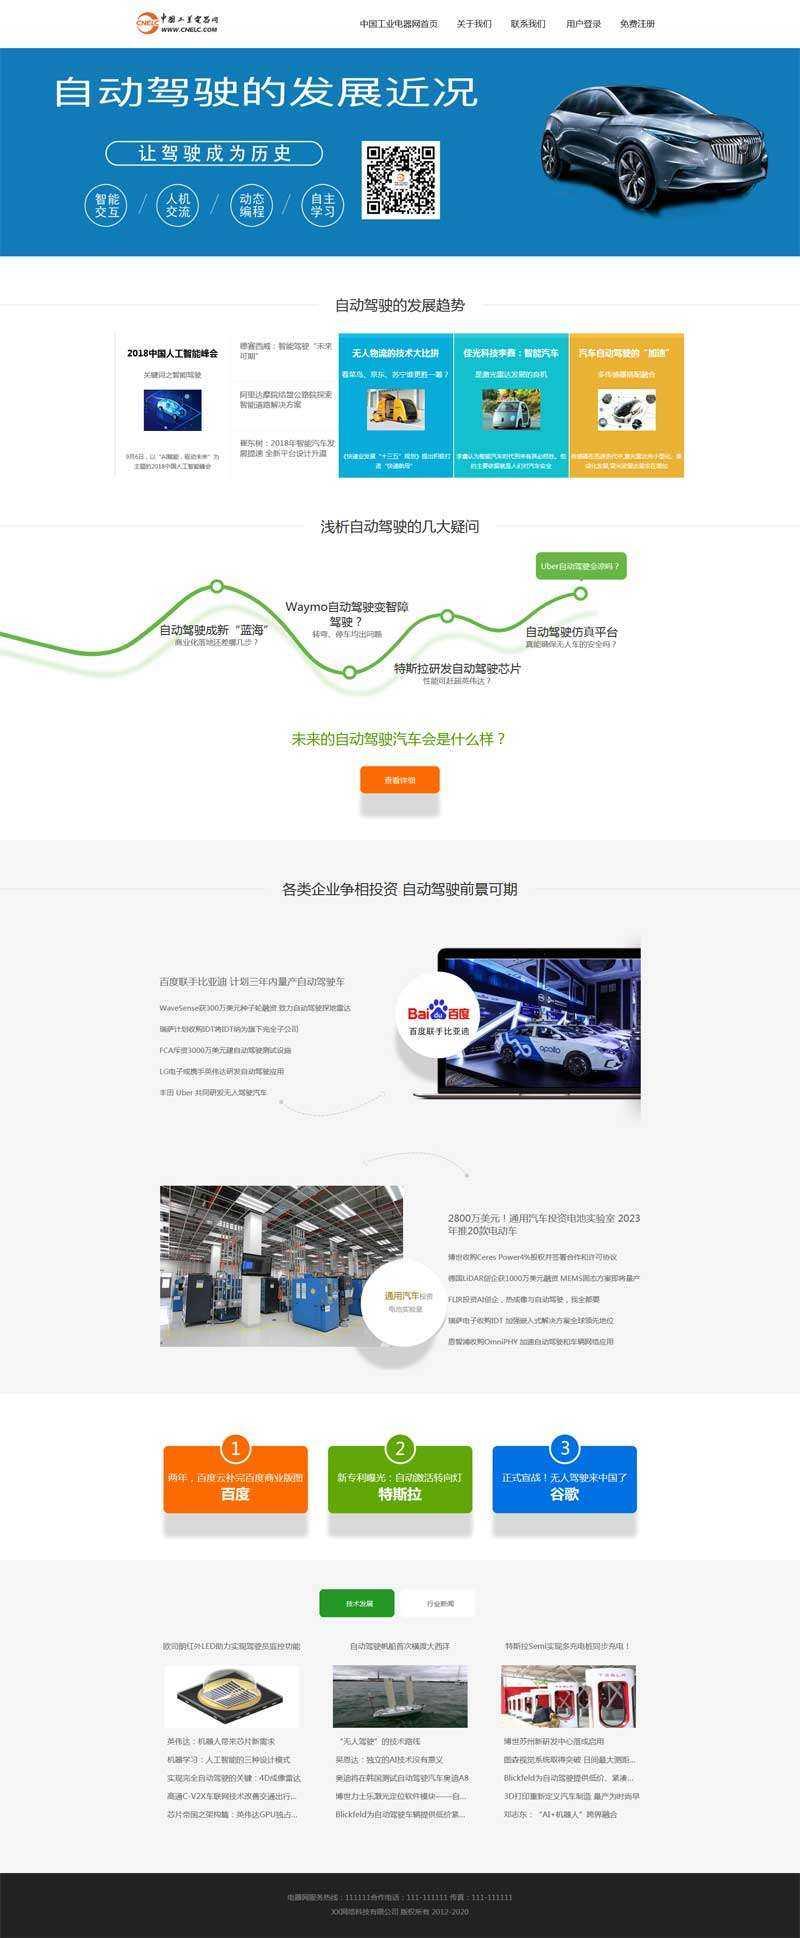 汽车自动驾驶发展介绍主题页面模板